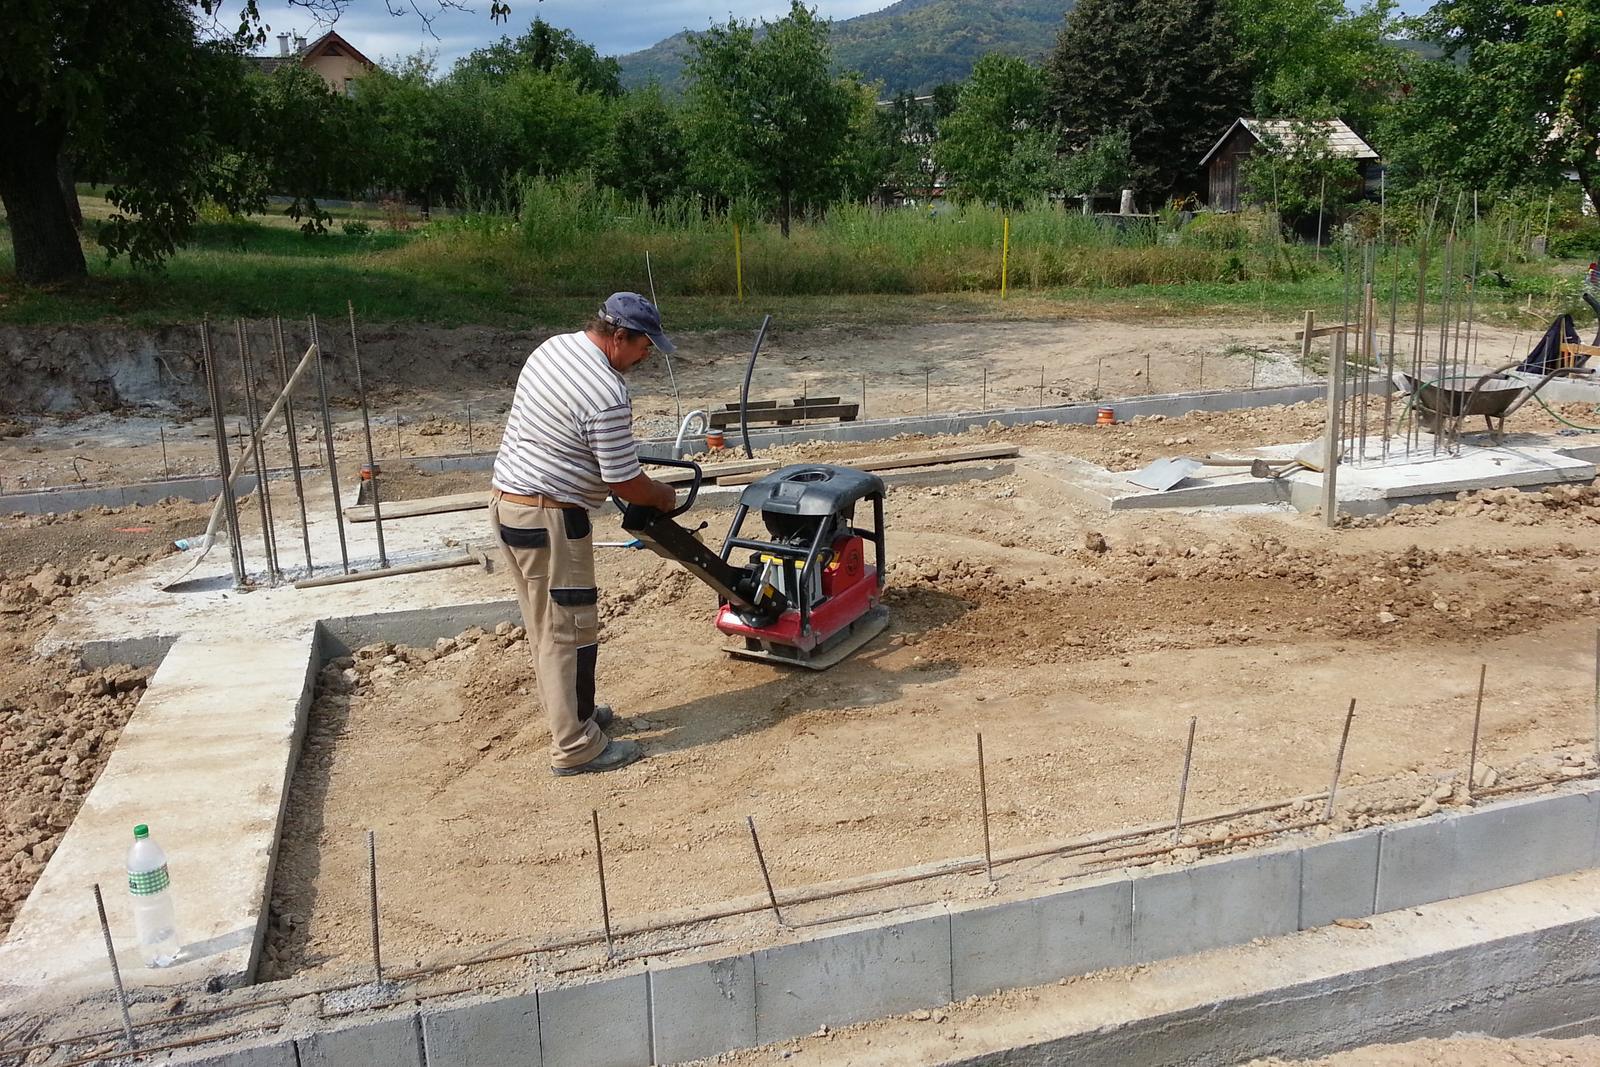 Pasívny dom svojpomocne - Zhutnenie najskôr zeminy a následne príde 15 cm štrku